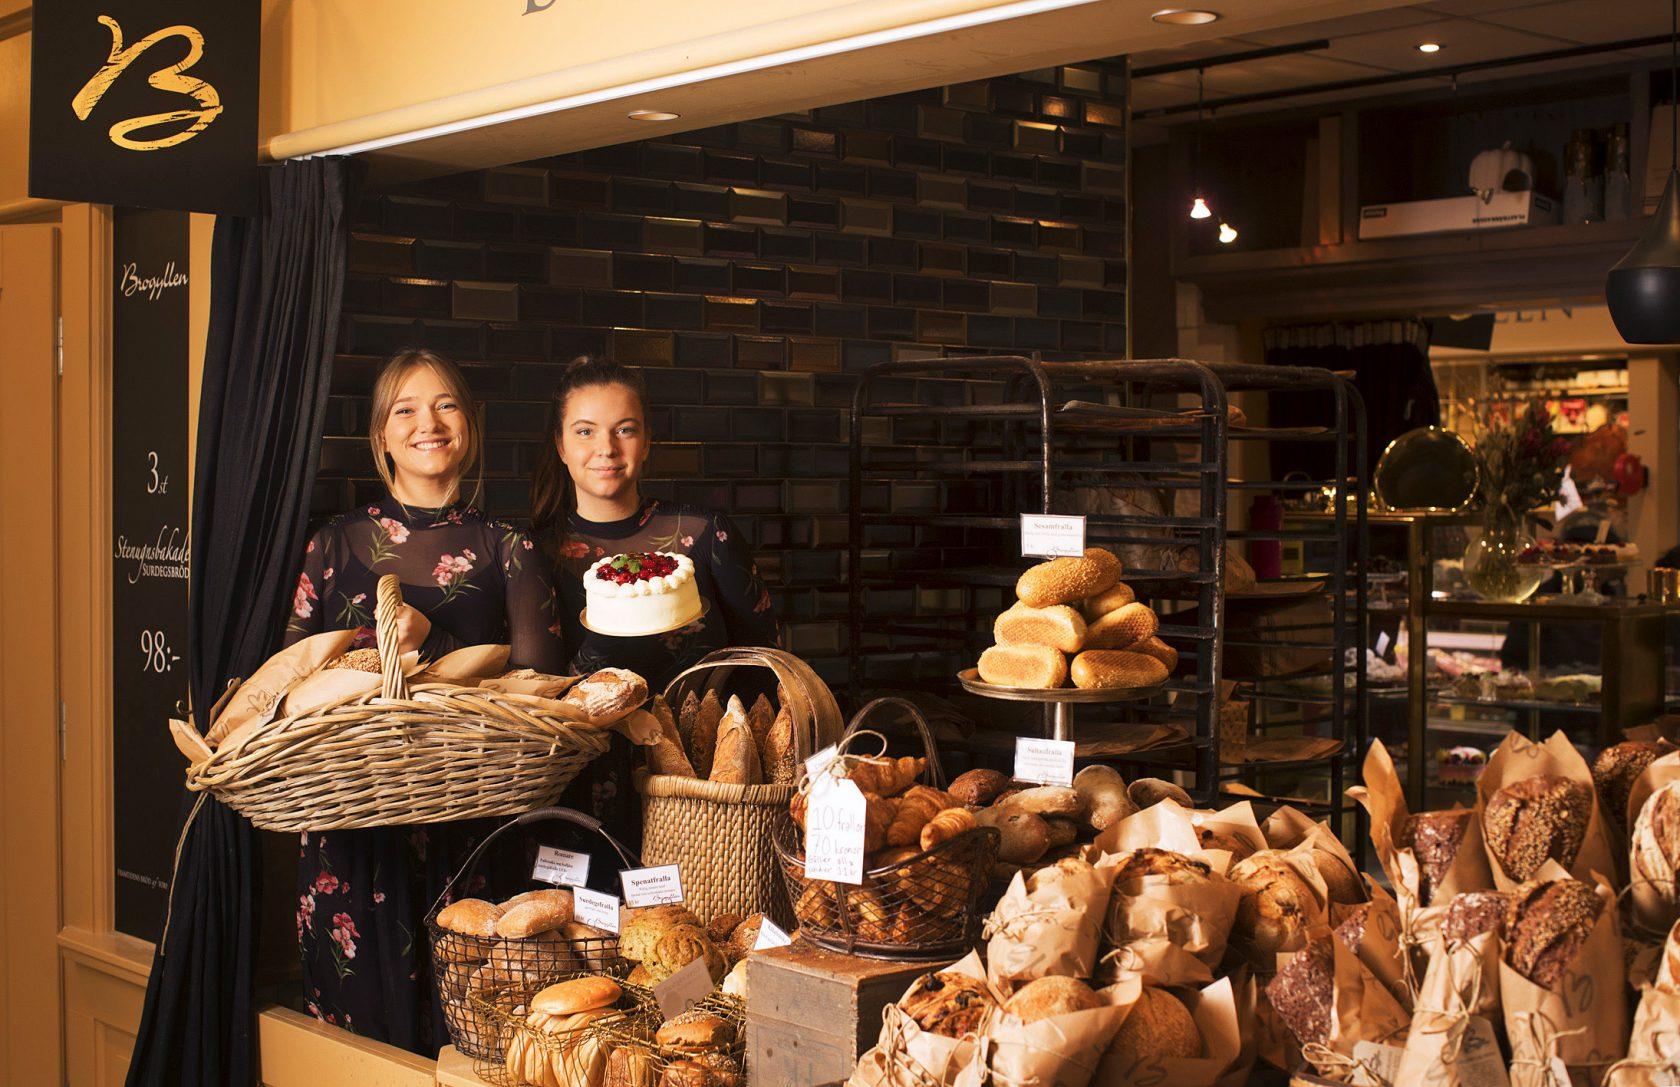 Två kvinnor står i en brödbutik och håller upp en korg med bröd och en tårta.